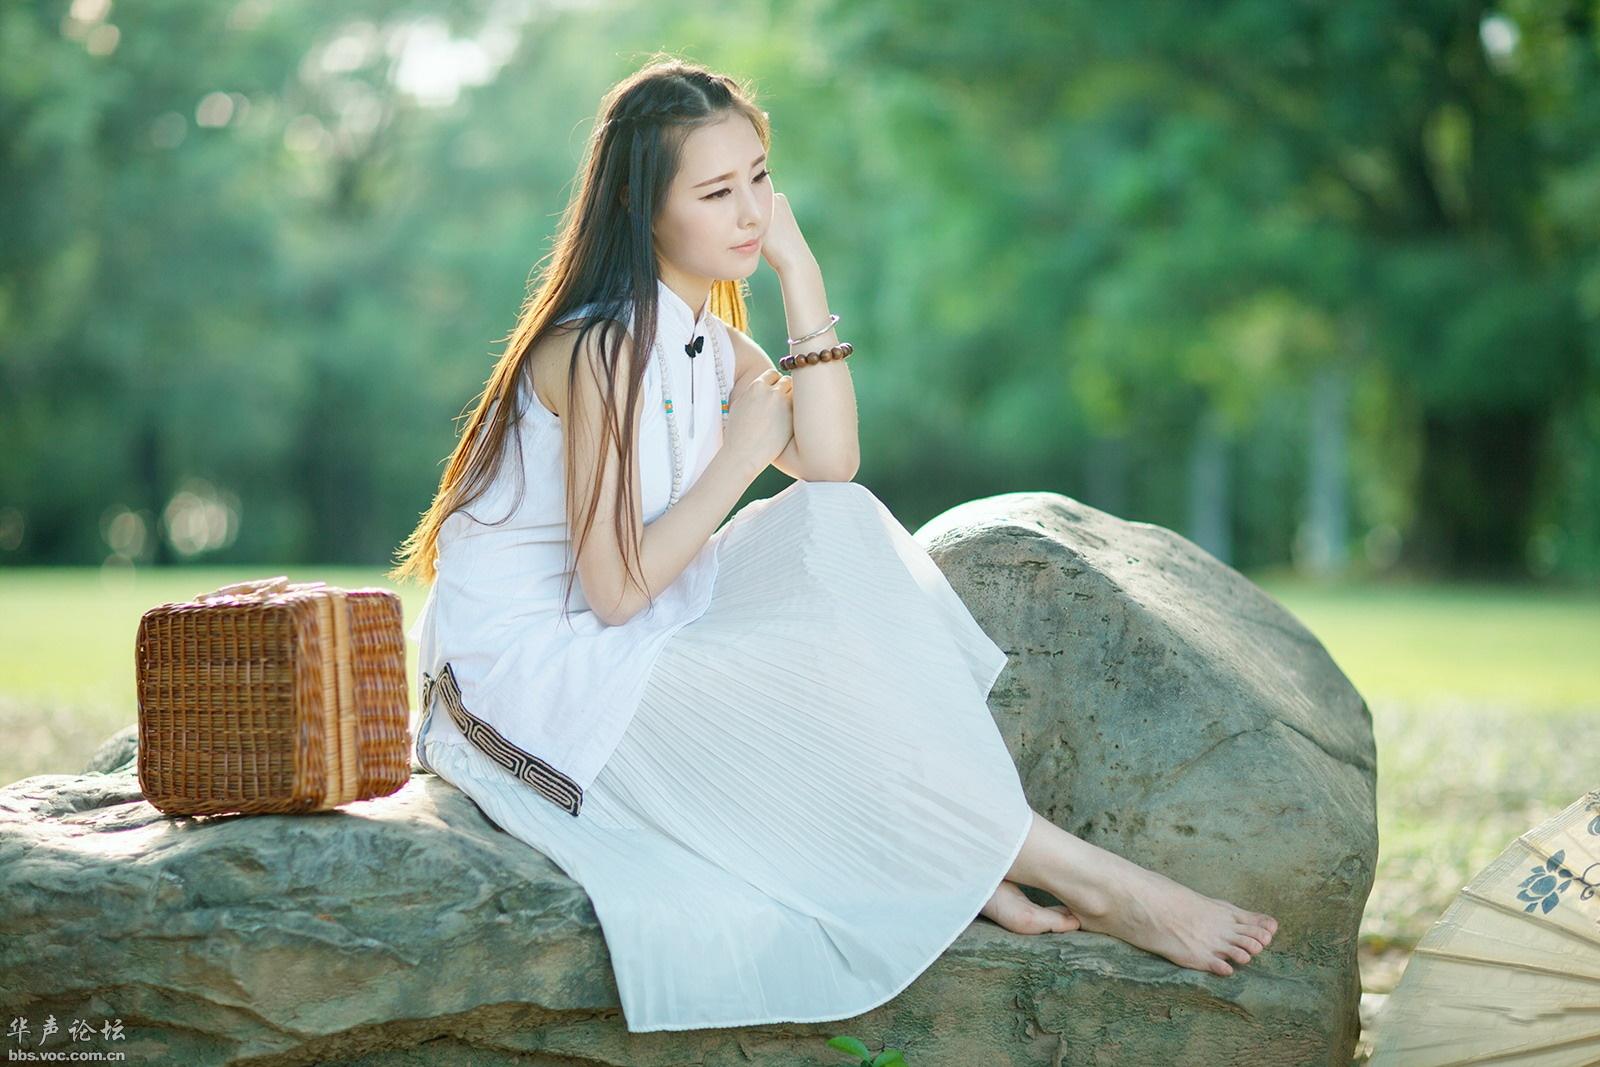 温柔的女孩 - 花開有聲 - 花開有聲